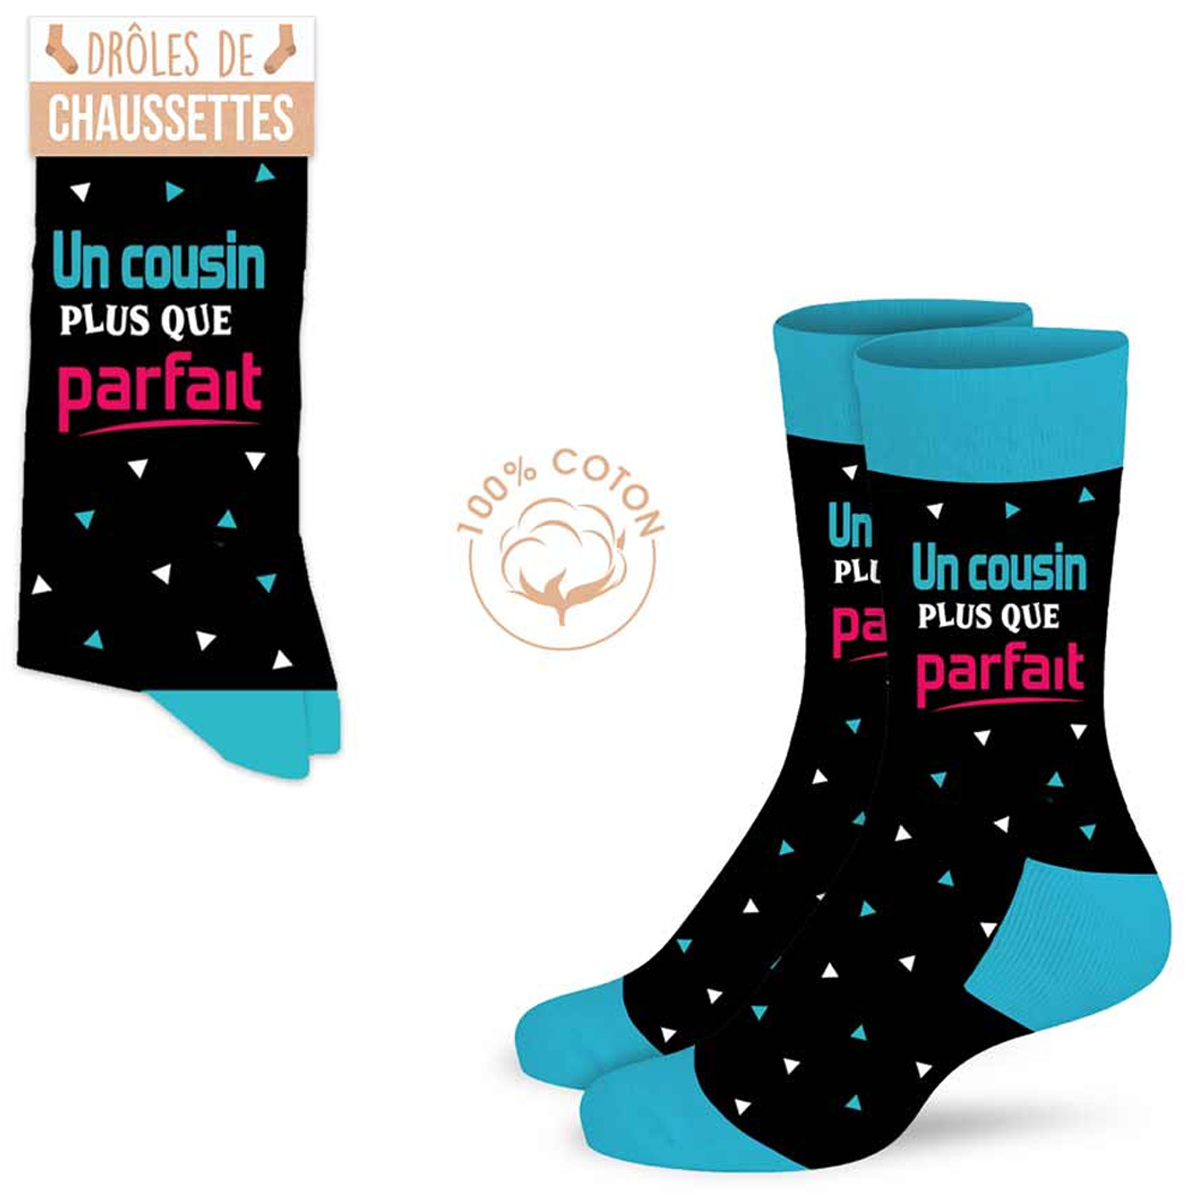 Chaussettes coton tendresse \'Cousin\' noir bleu (un Cousin plus que parfait) - taille unique - [A0917]